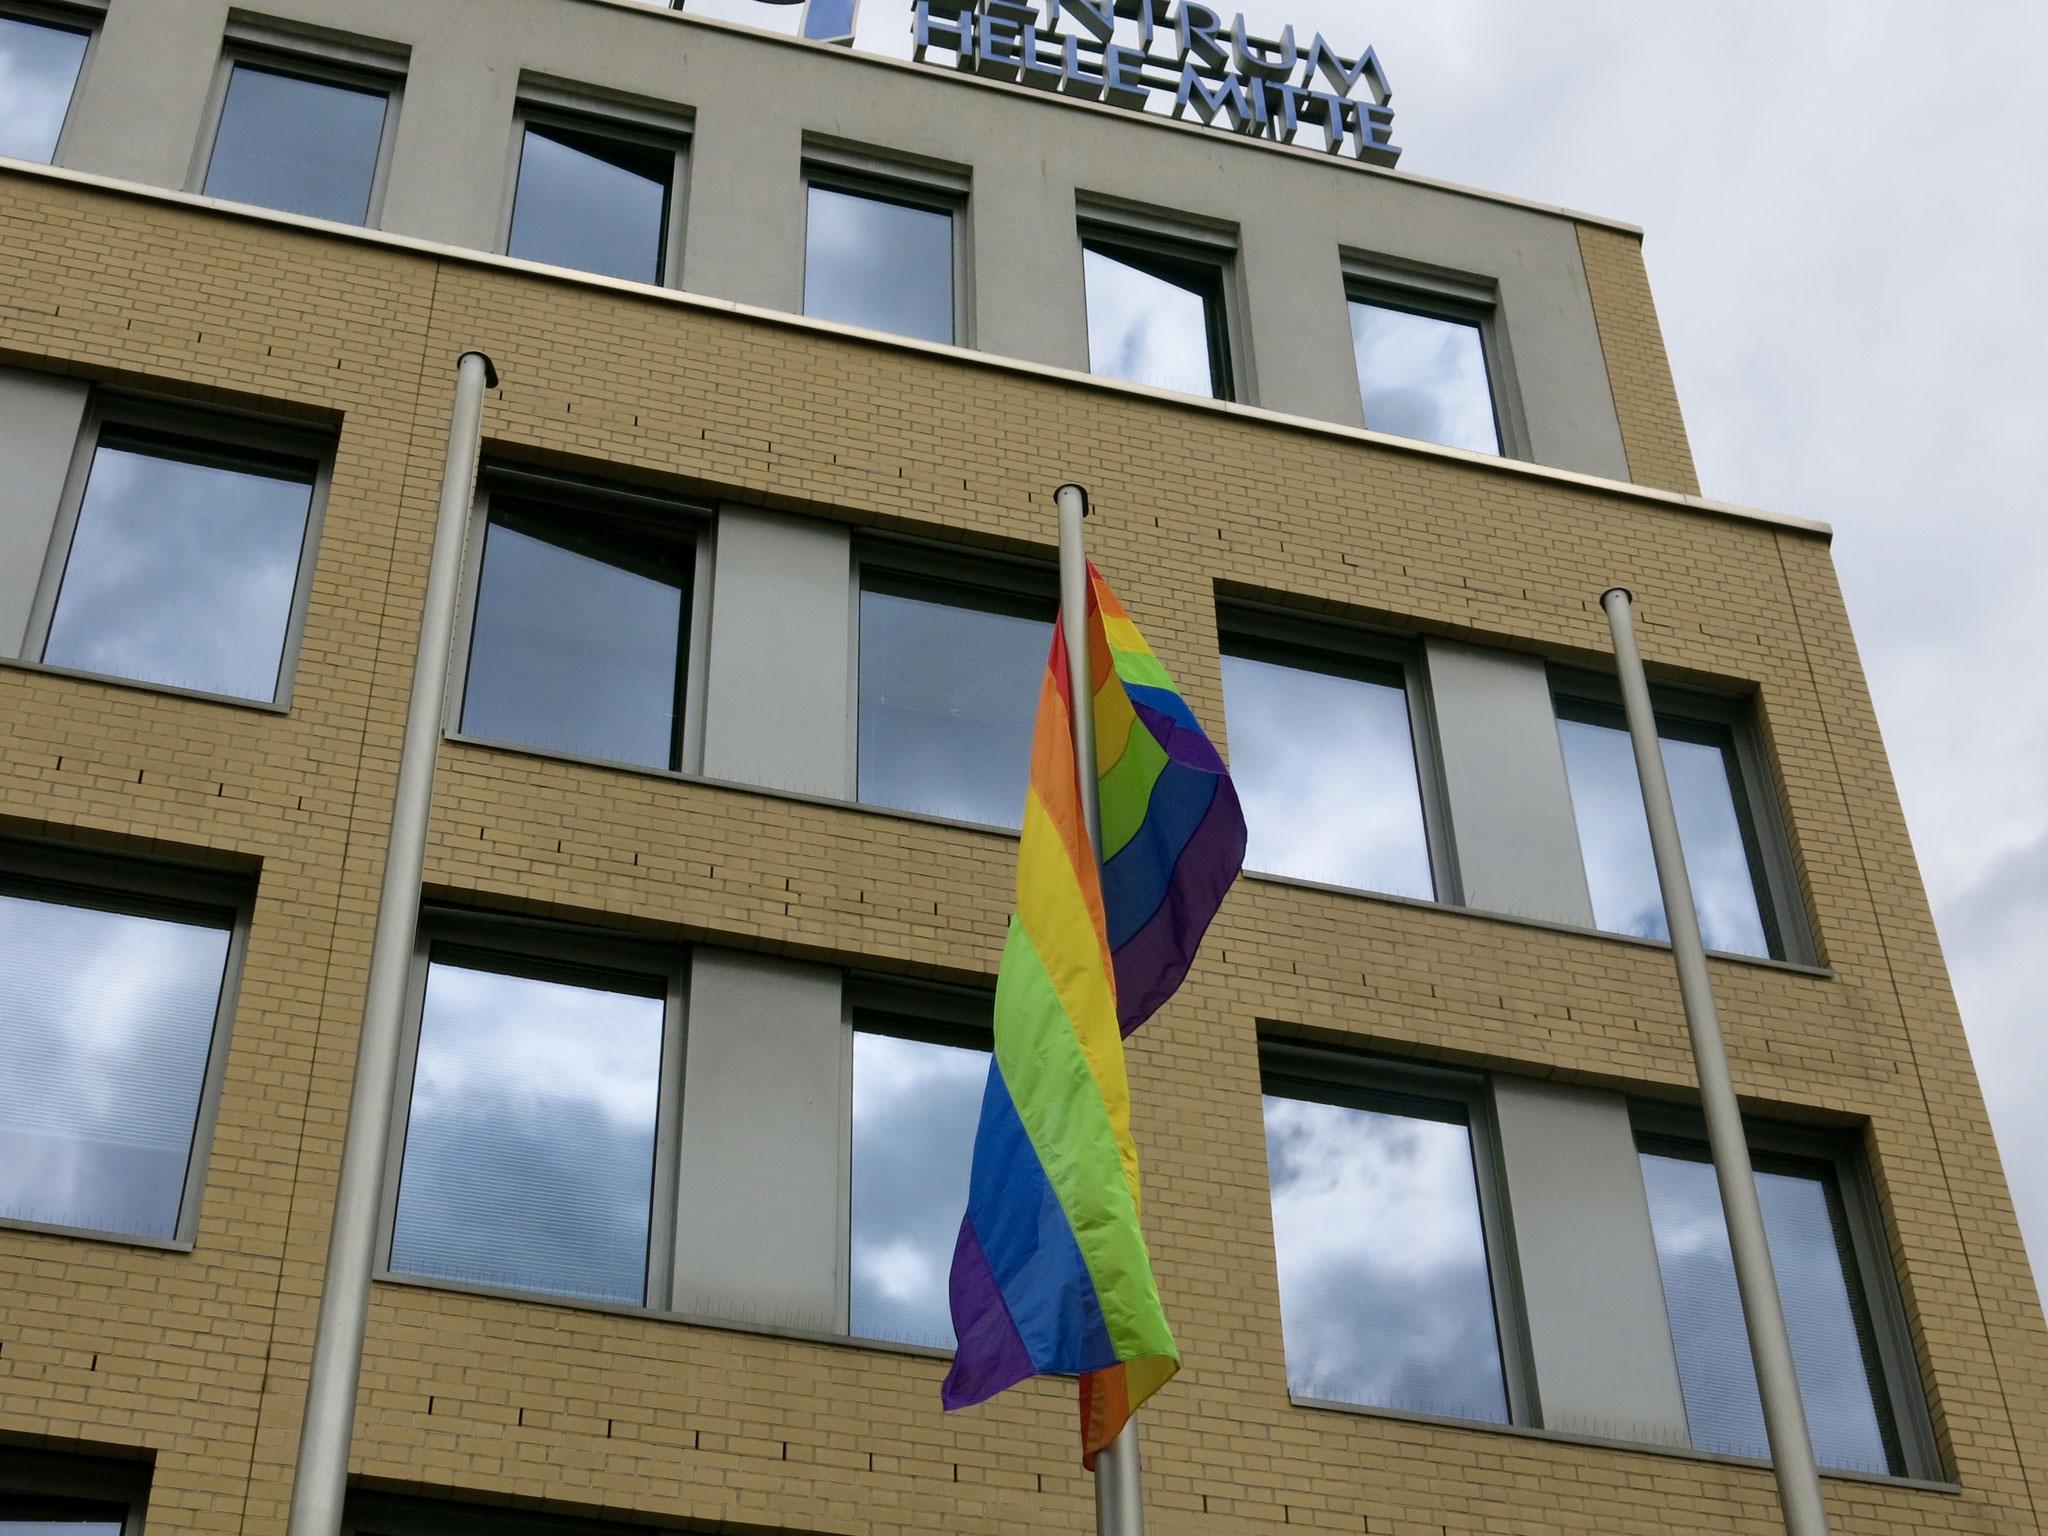 Die Fahne ist das internationale Zeichen für die Verbundenheit bzw. Solidarität mit der LGBTQI-Community.